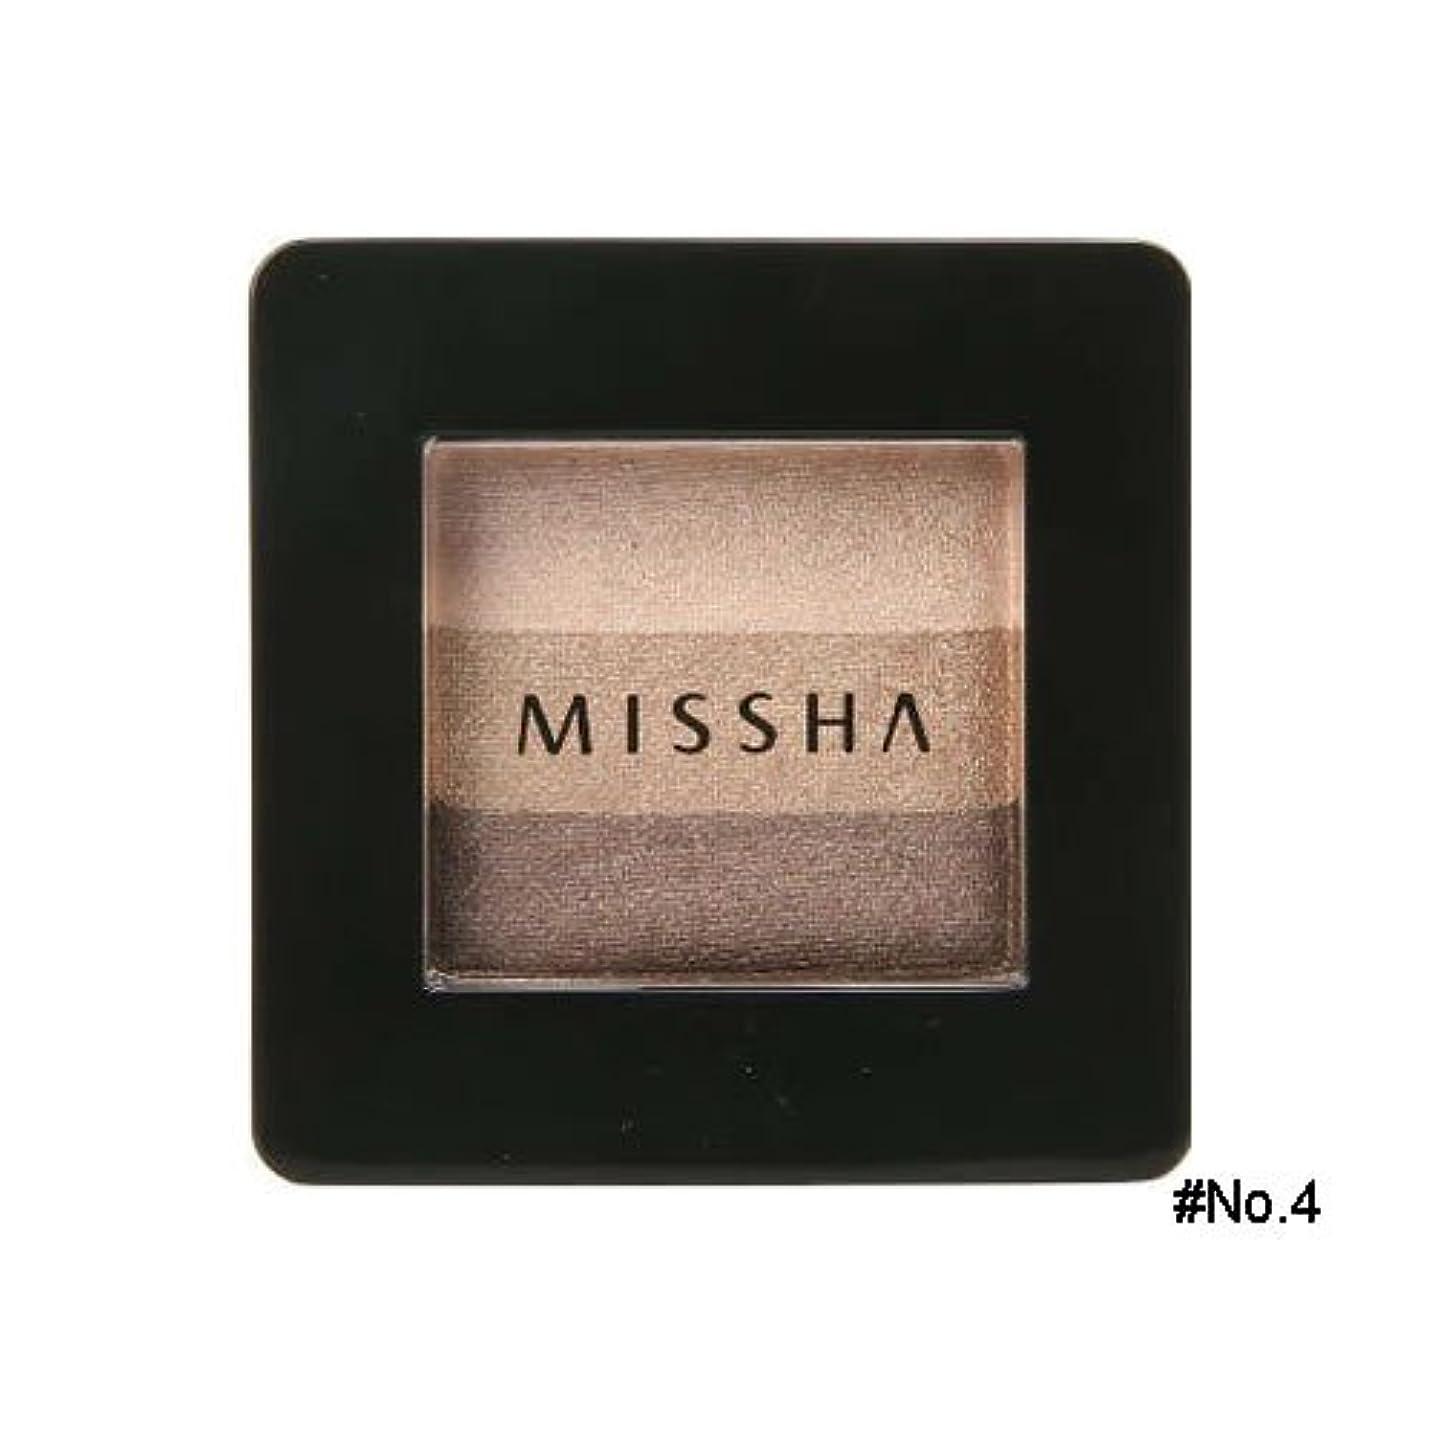 男らしさ勘違いする電子レンジミシャ(MISSHA) トリプルシャドウ 2g No.4(チョコレートブラウン) [並行輸入品]